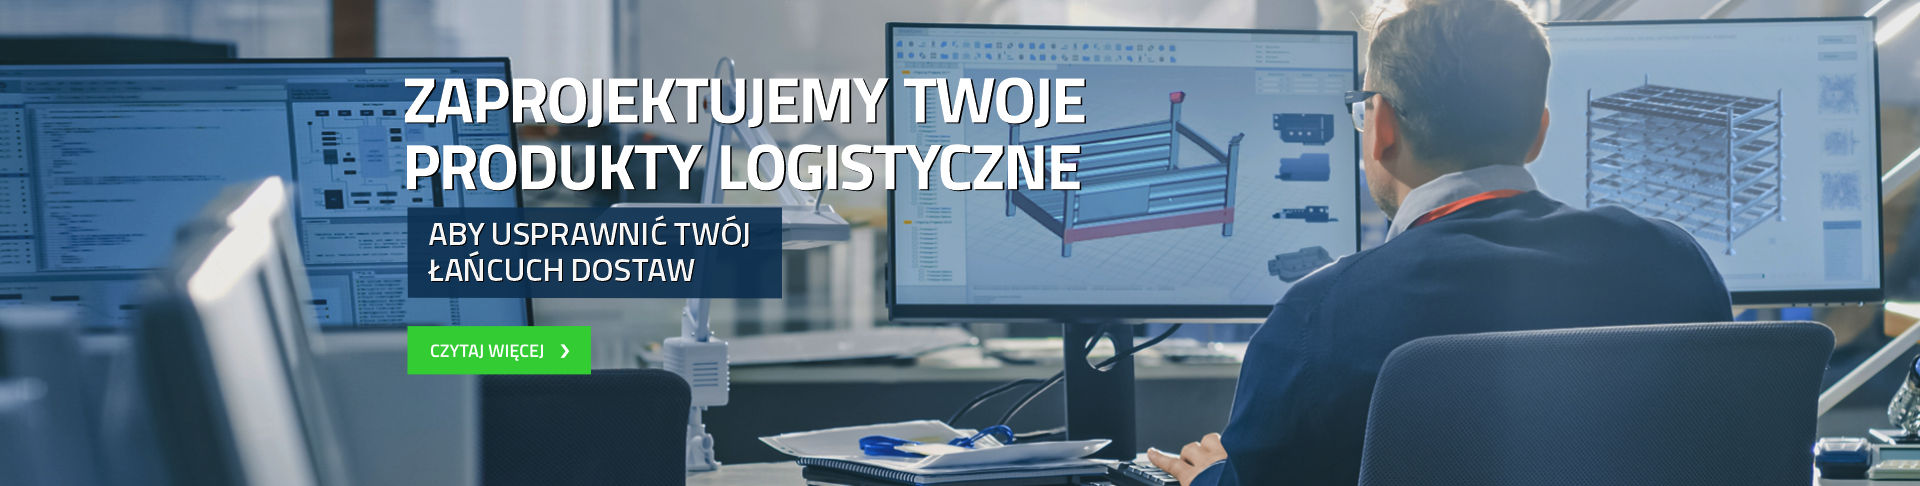 Zaprojektujemy twoje produkty logistyczne aby usprawnić twój łańcuch dostaw